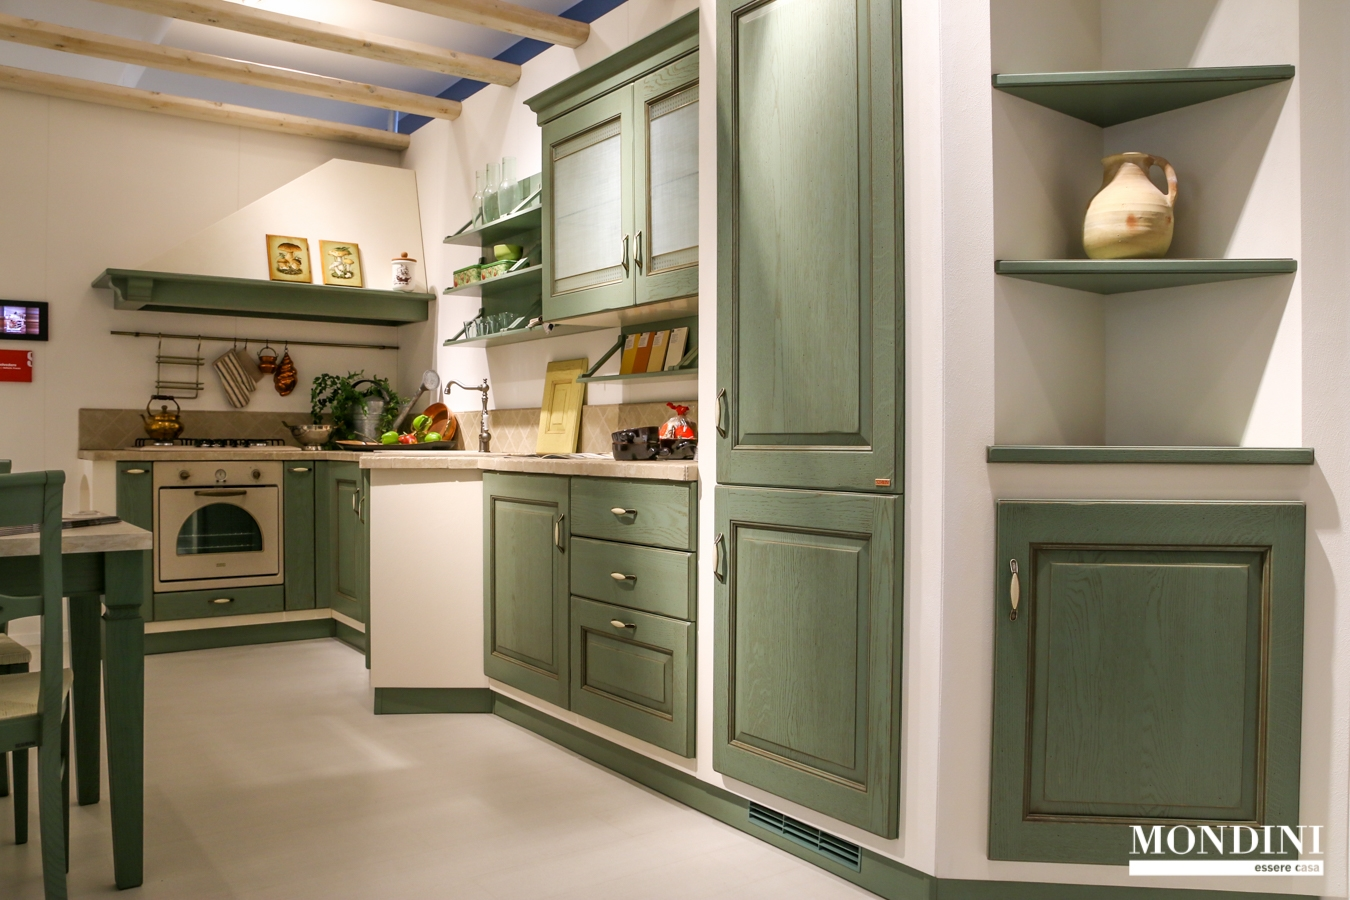 Cucina angolare scavolini in muratura scontata del 51 - Cucine in muratura ad angolo ...